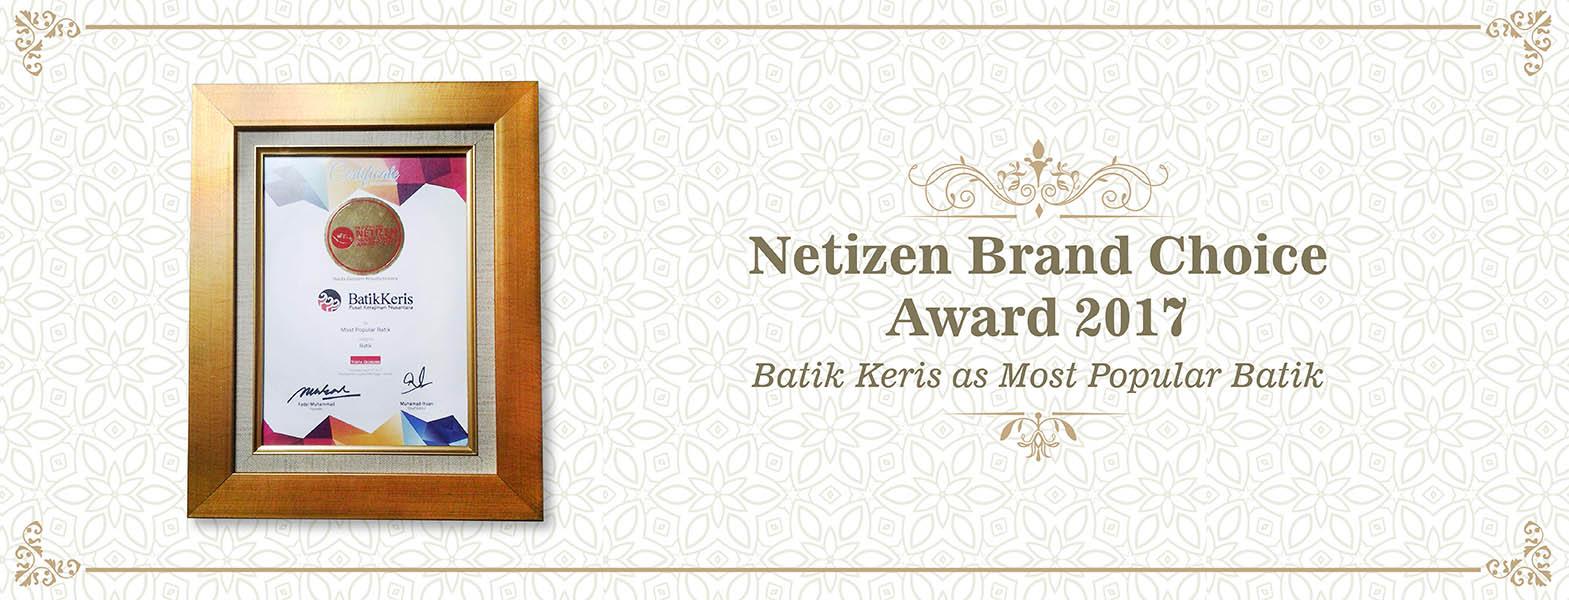 Netizen Brand Choice Award 2017